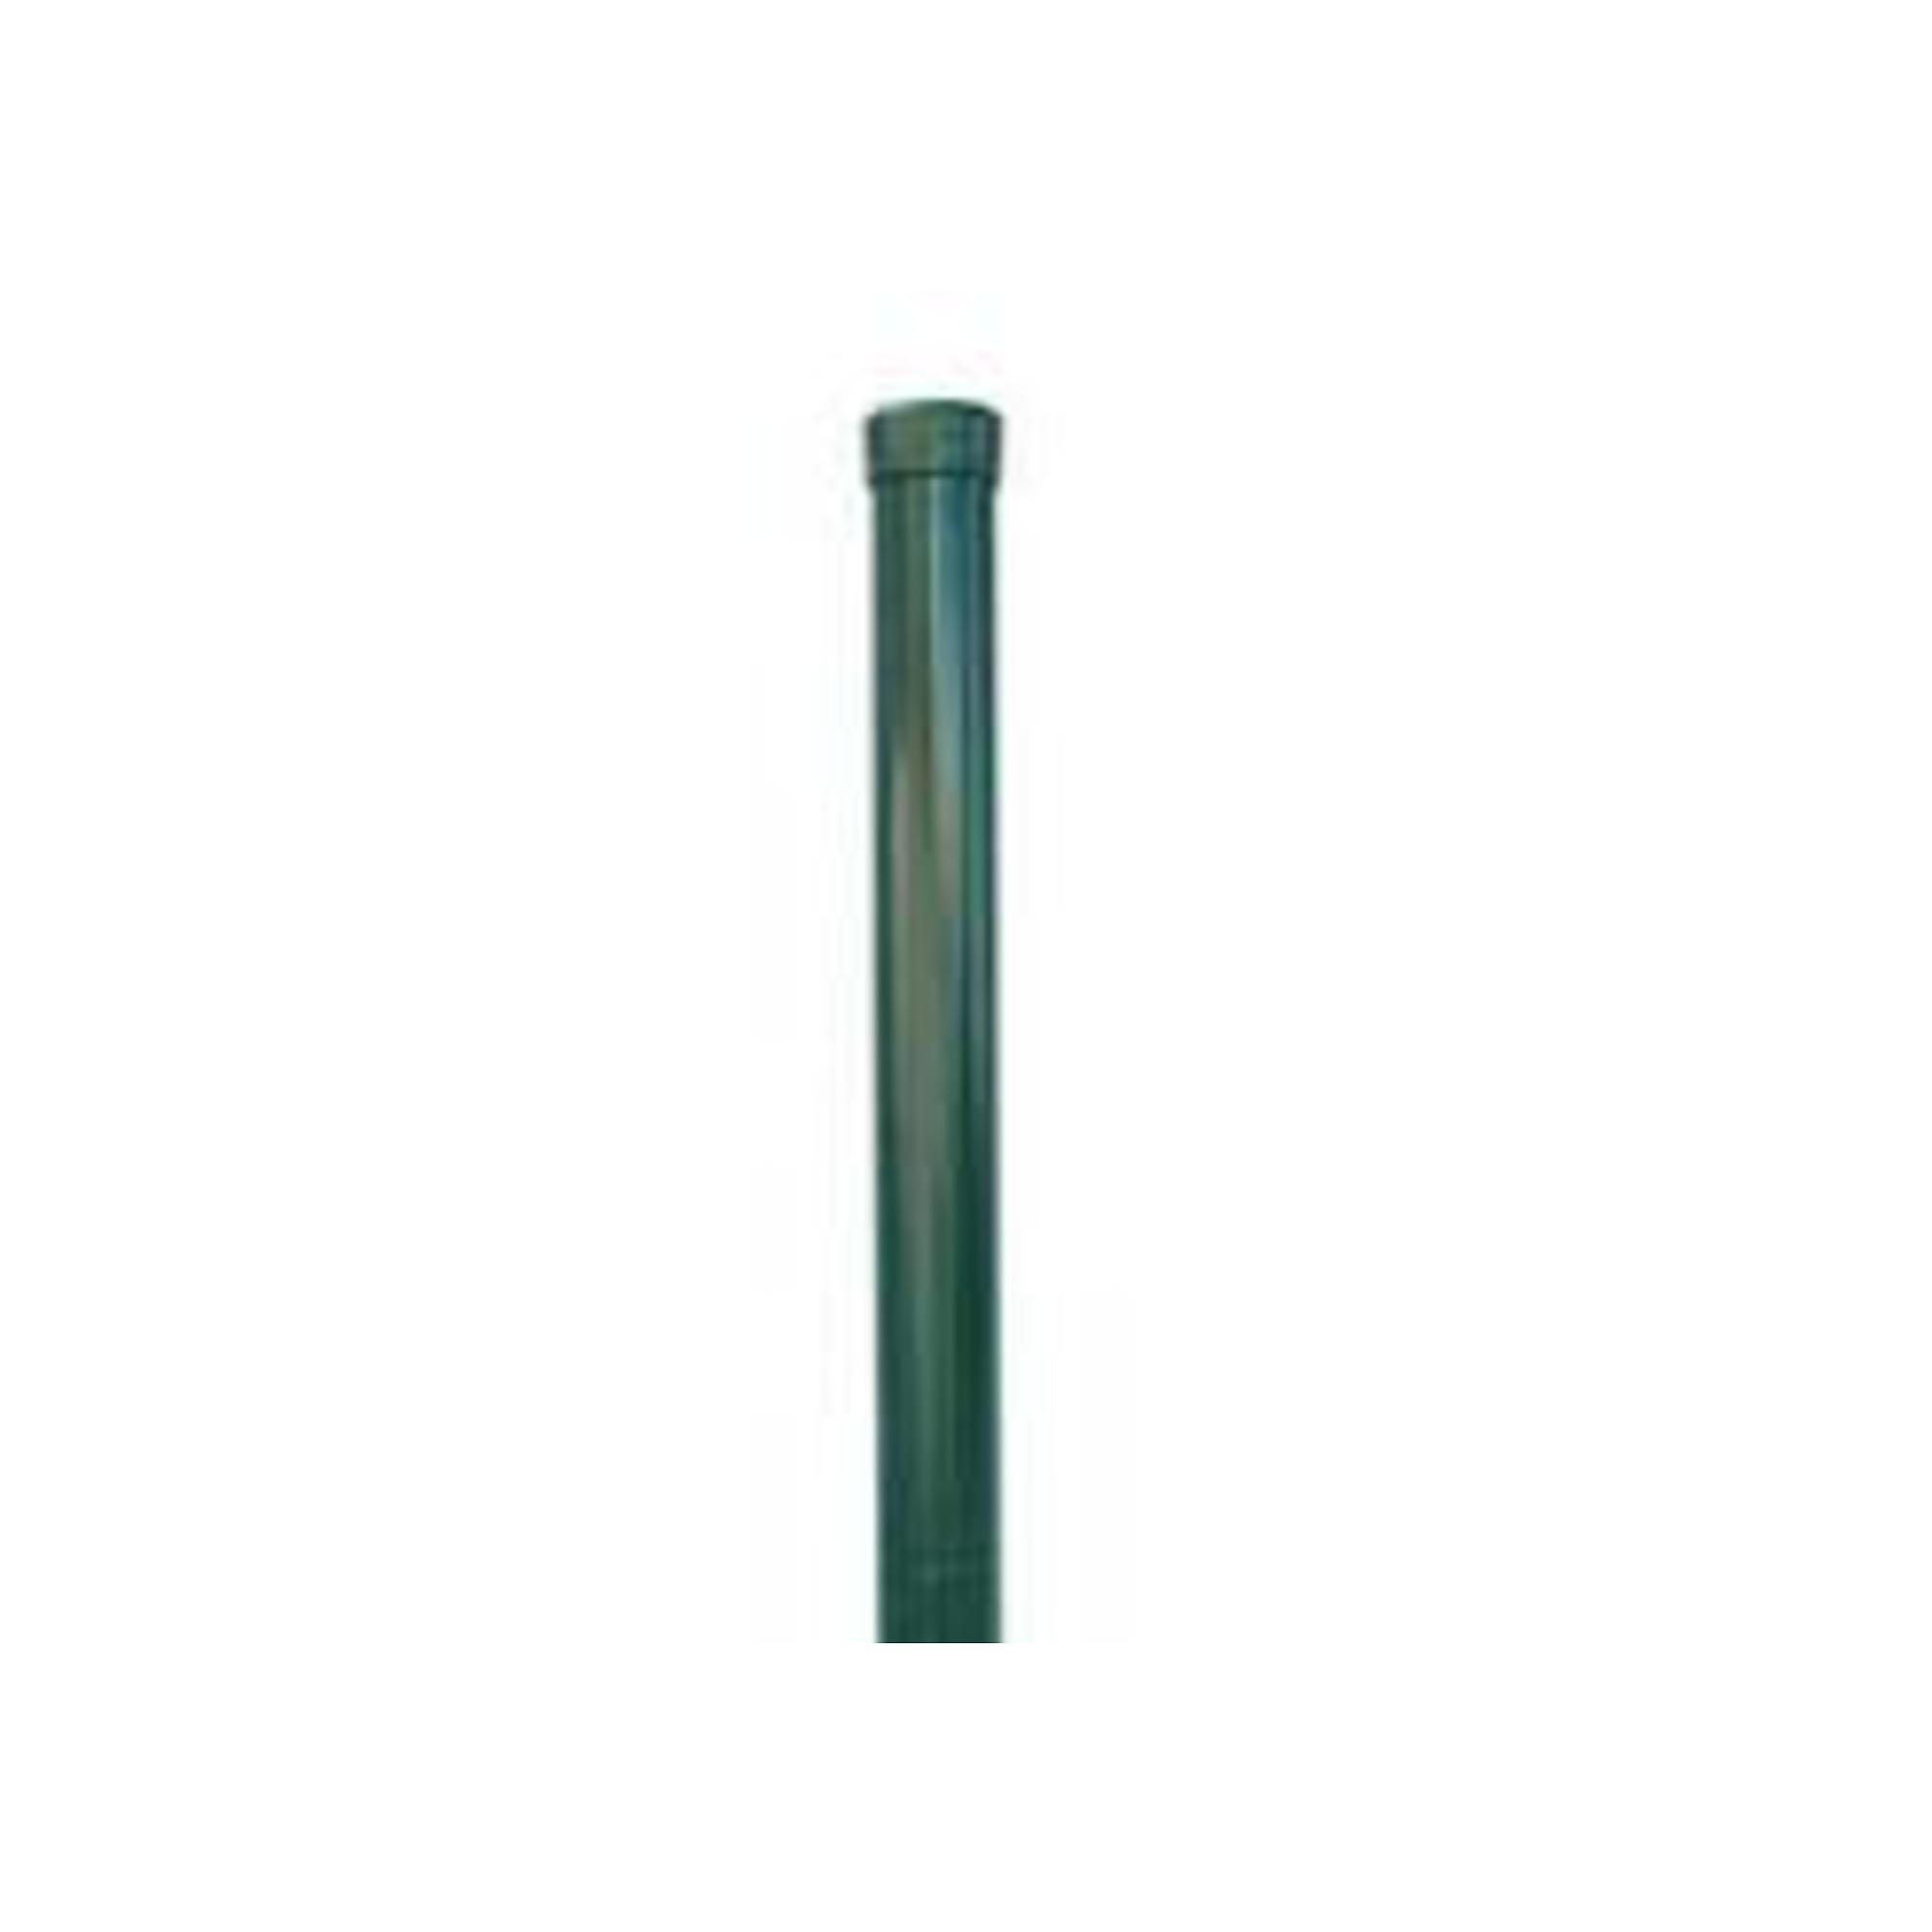 BPL oszlop 5000mm 60mm átmérő talp nélkül RAL6005